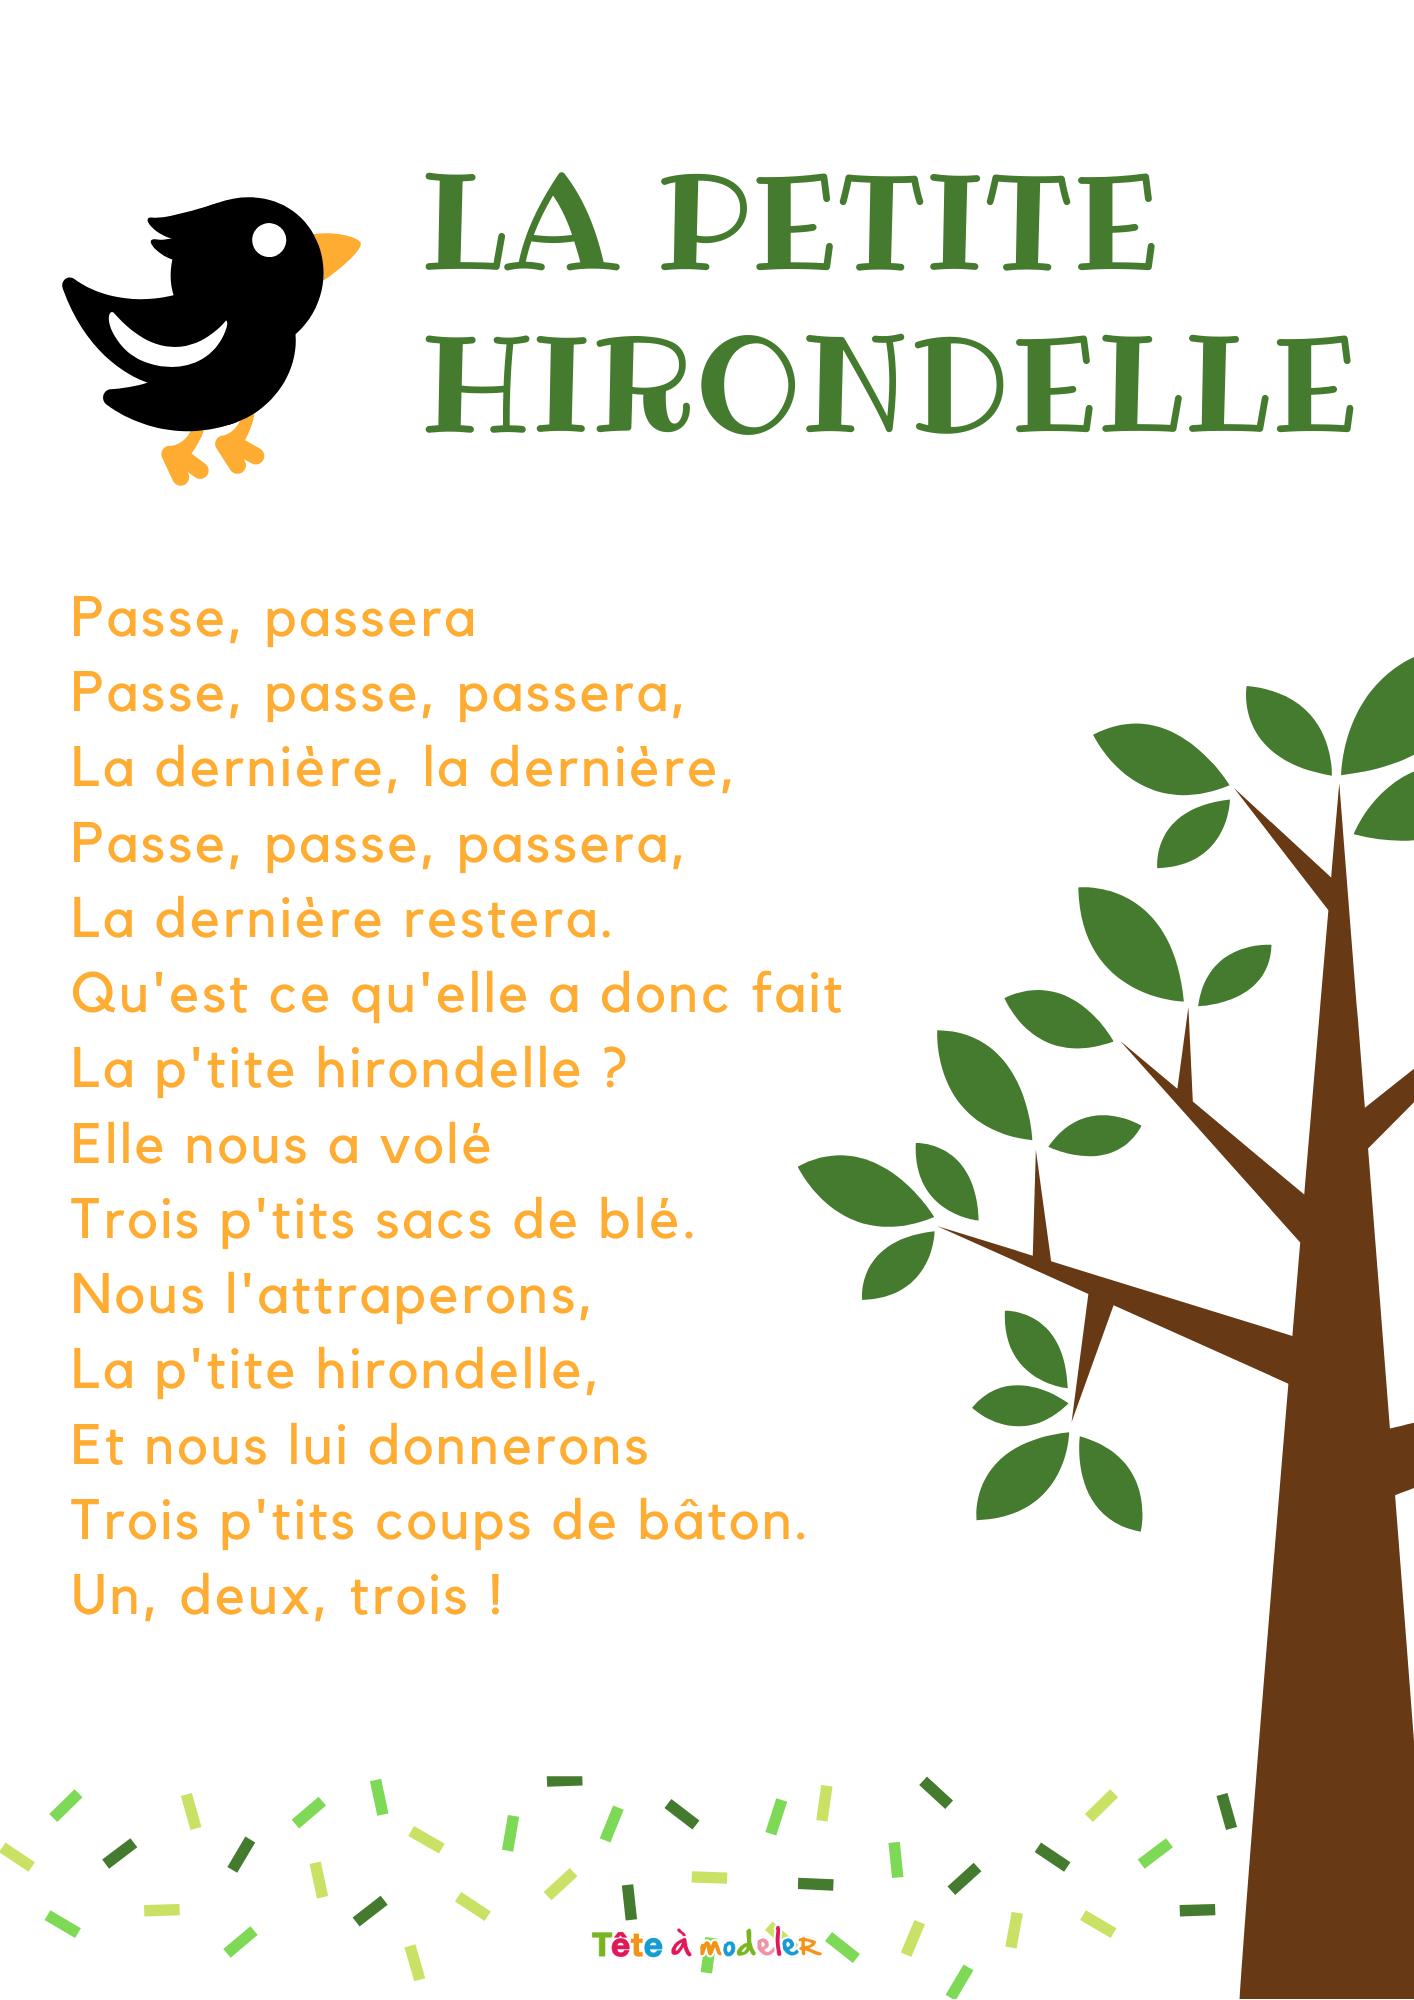 Imprimer La Chanson La Petite Hirondelle - Chanson Enfant avec Chanson A Imprimer